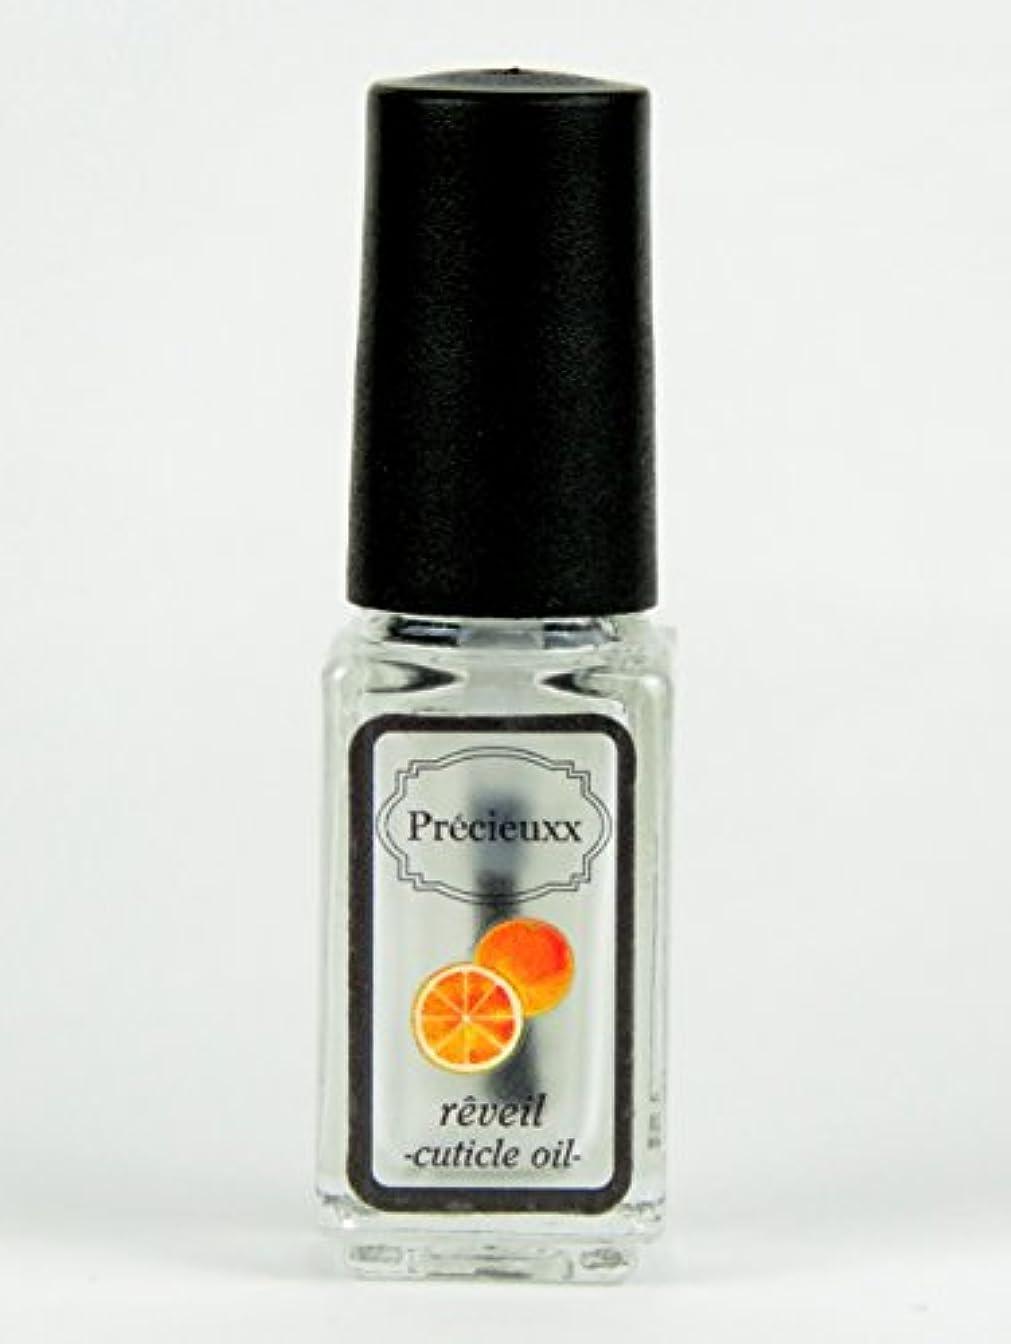 複製トレース懇願するオーガニック ネイルオイル Precieuxx(プレシュー) ネイルアンドキューティクルボタニカルオイル 5ml オレンジ